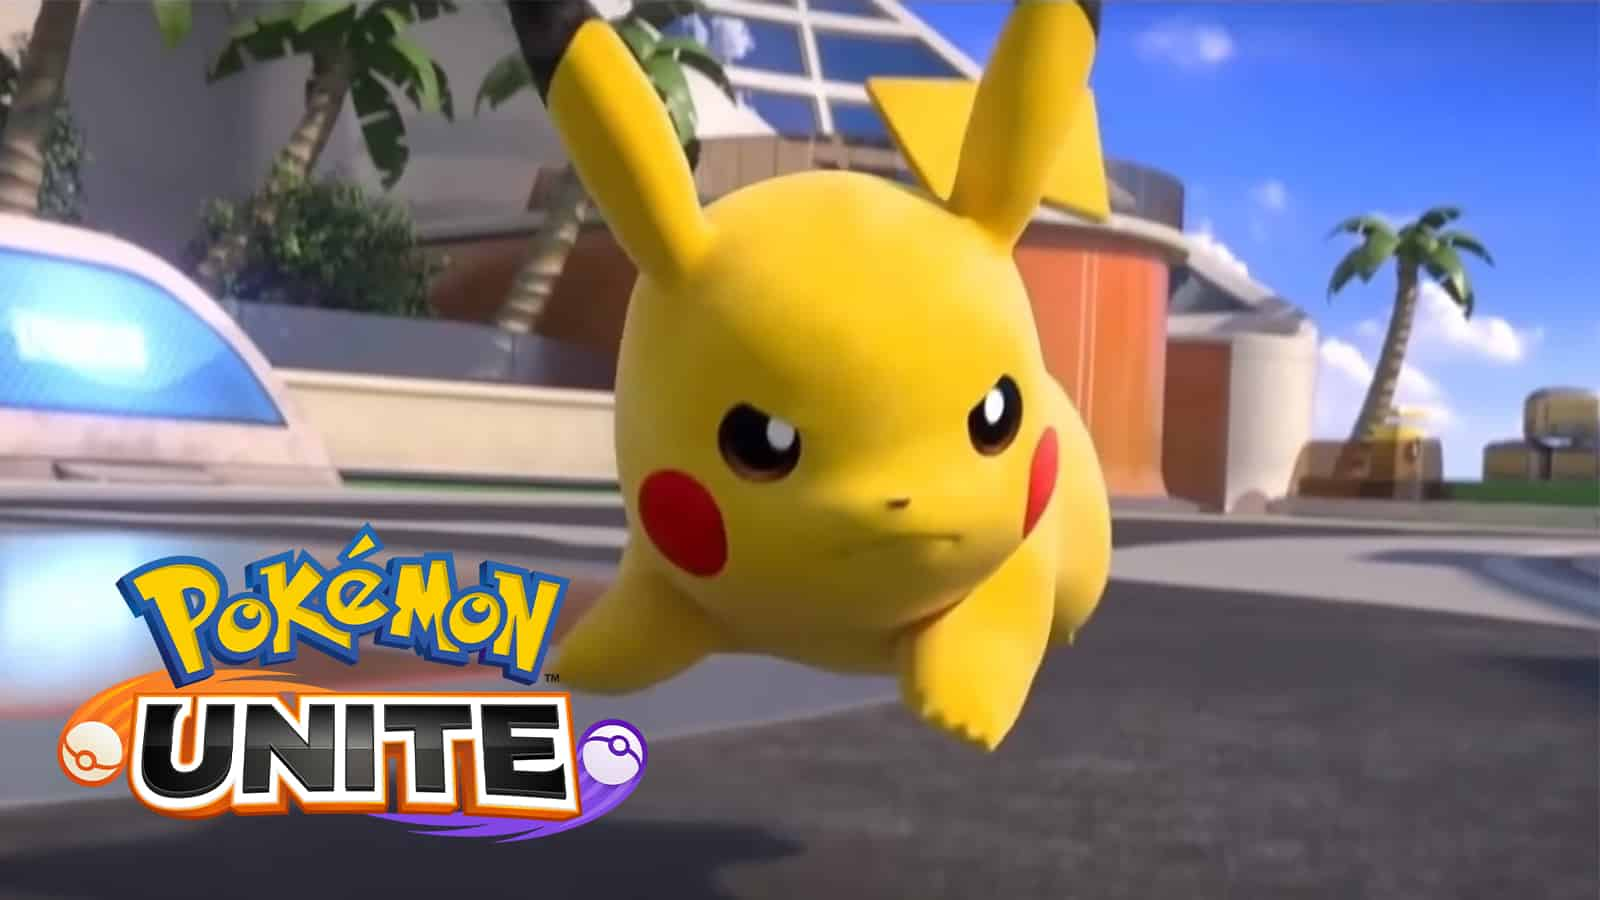 """Les joueurs de Pokemon Unite veulent des changements d'équilibre classés pour un matchmaking """"injuste"""""""